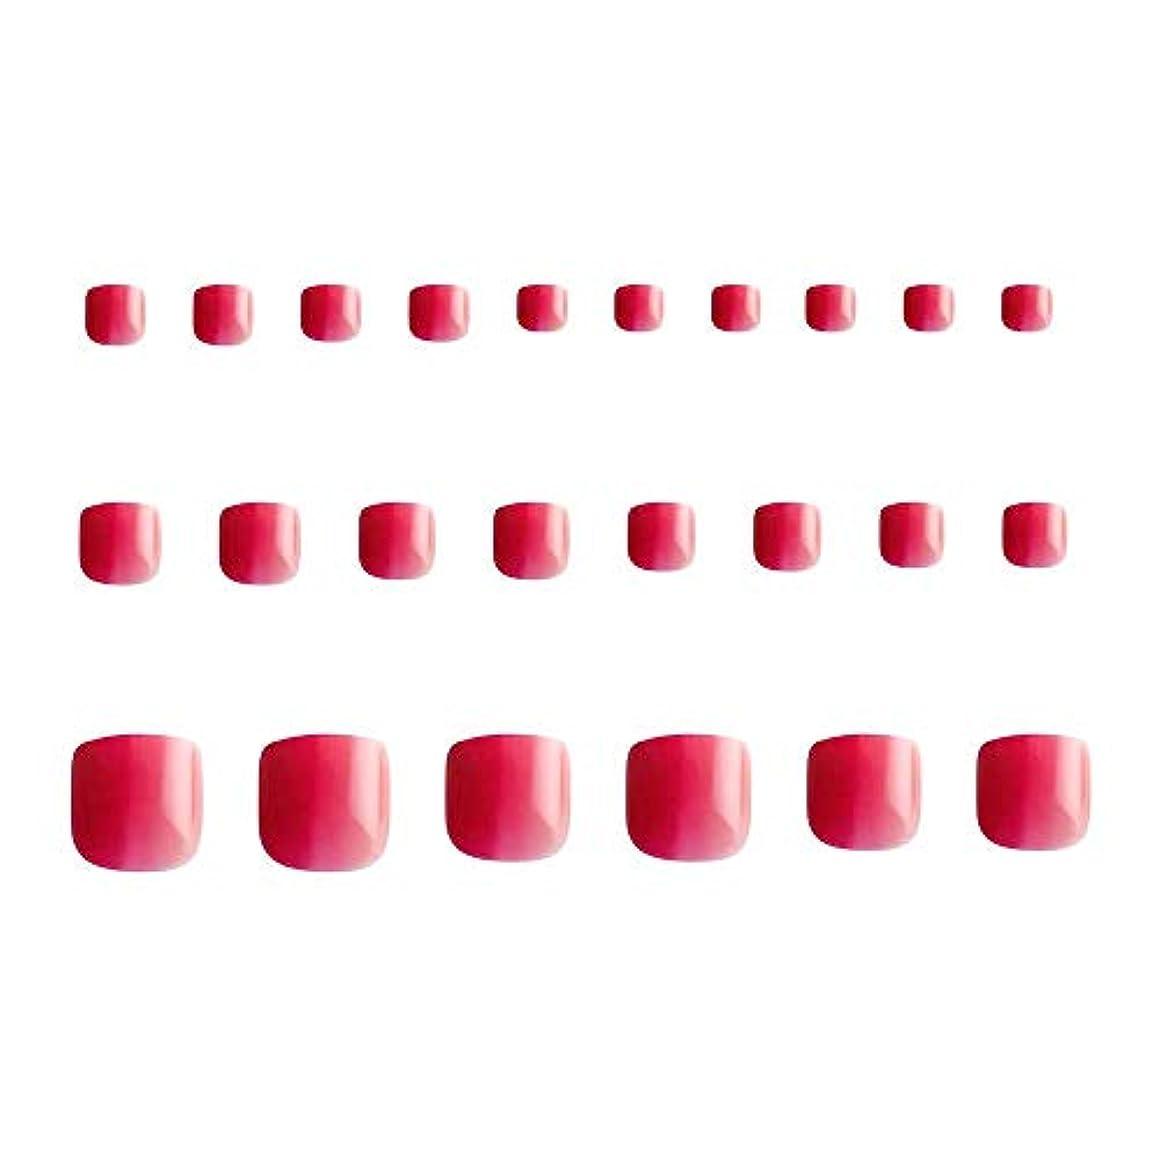 集まる絶望的な裂け目24枚 グラデーション 短い 四角形 フルカバー ネイルチップ 足の爪 ピンク